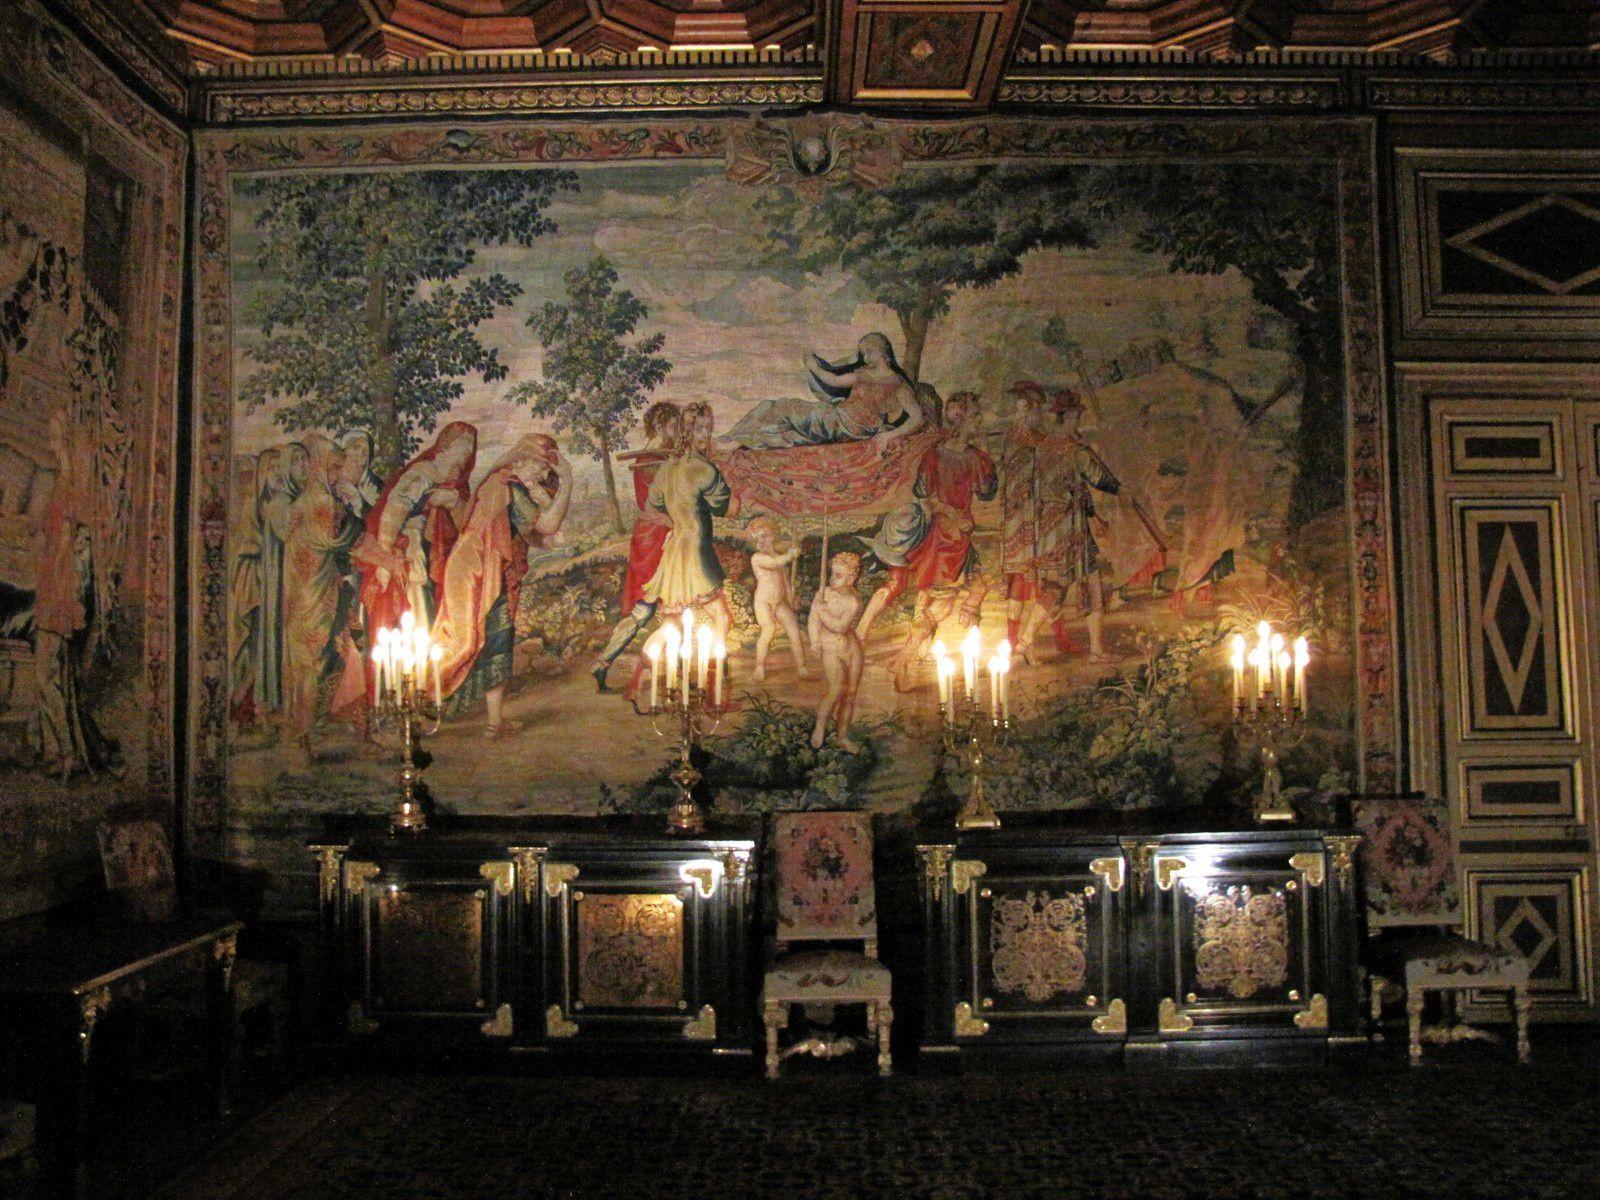 Cabinets d'ébène du salon François 1er, château de Fontainebleau